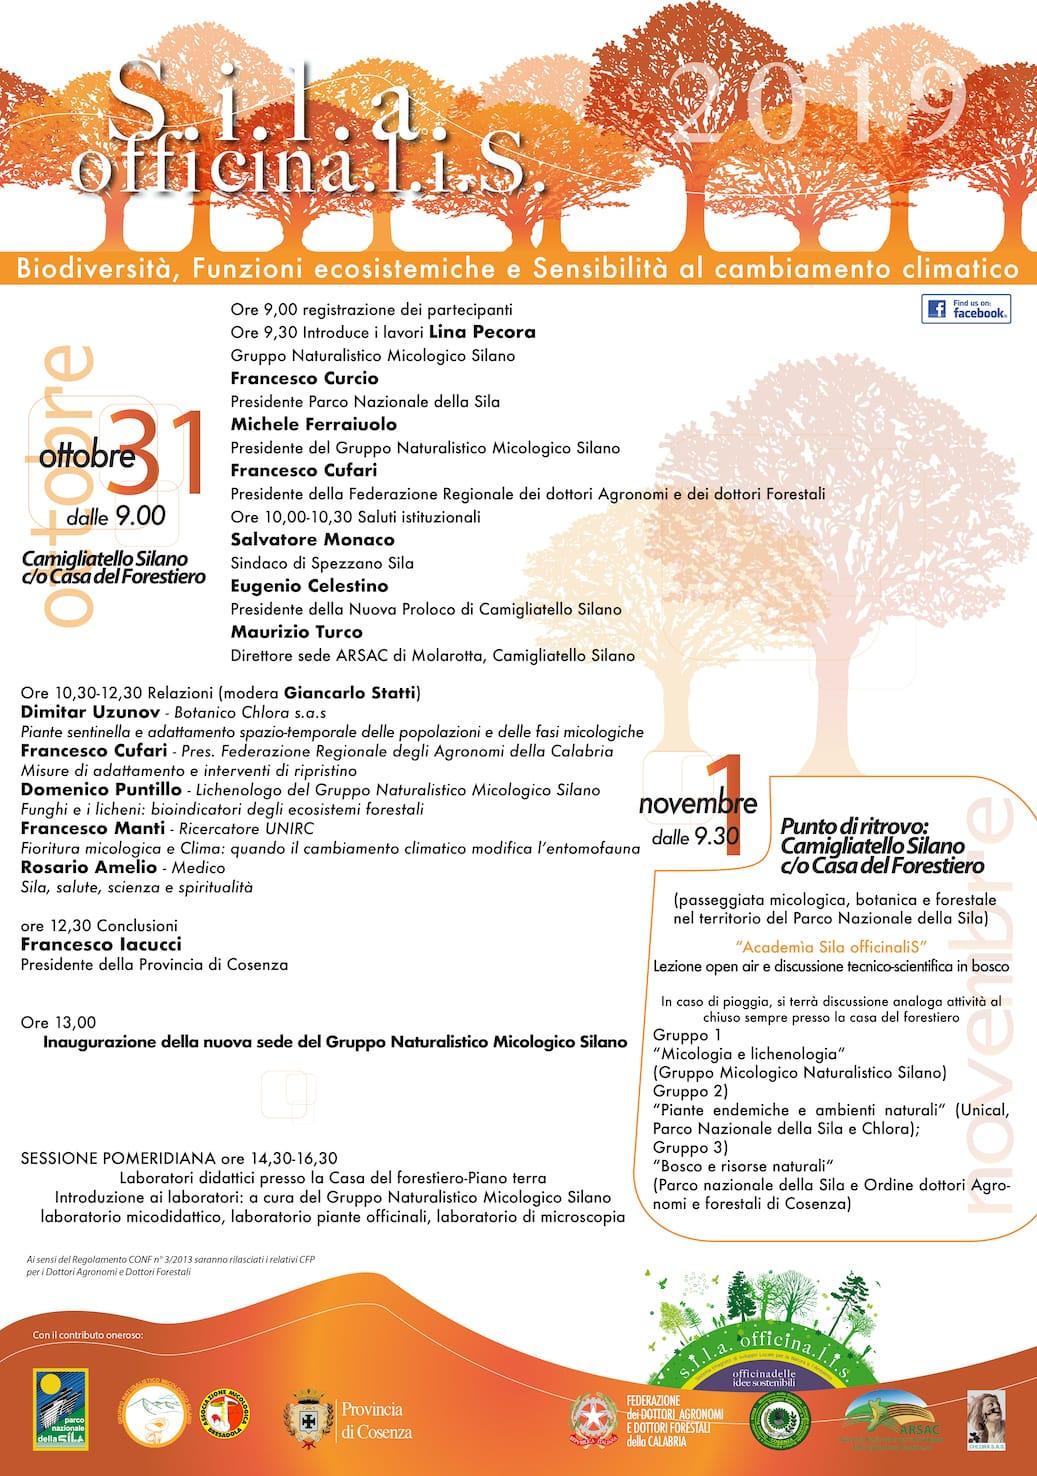 """A Camigliatello Silano dal 31 ottobre - 1 novembre 2019: """"Sila Officinalis - Biodiversità, Funzioni ecosistemiche e Sensibilità al cambiamento climatico"""""""